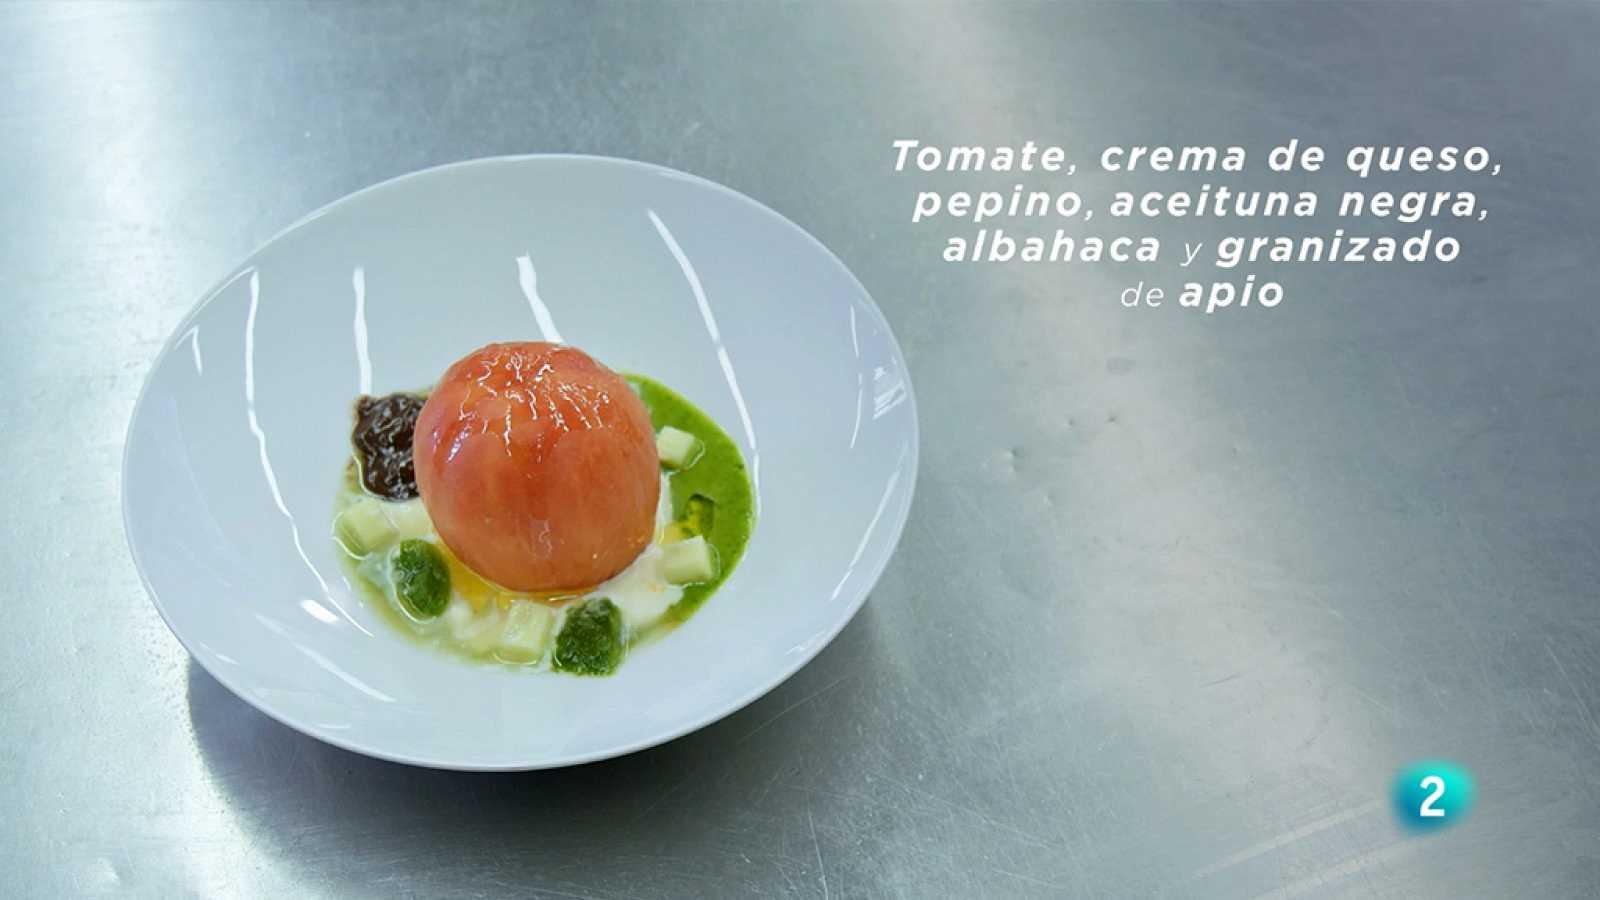 La Ciencia de la Salud - Receta saludable con tomate, crema de queso, pepino, aceituna negra, albahaca y granizado de apio